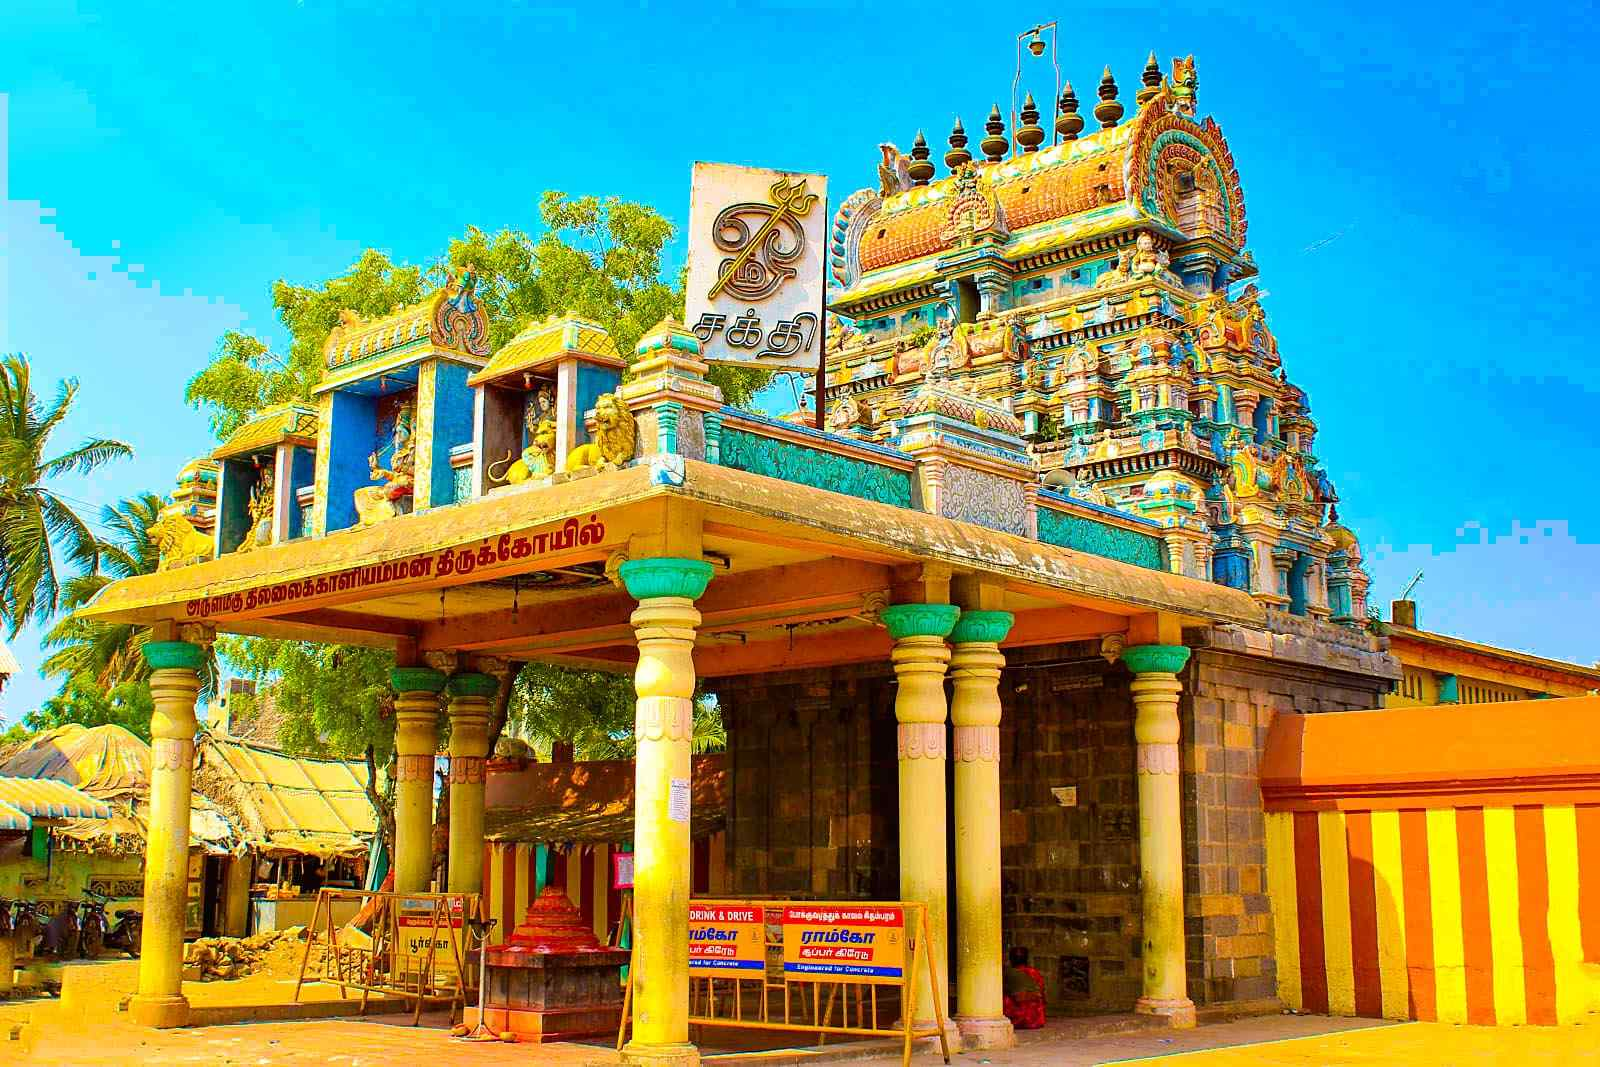 చిదంబరం తిల్లై కాళి అమ్మన్ ఆలయం తమిళనాడు పూర్తి వివరాలు Chidambaram Thillai Kali Amman Temple Tamil Nadu Full details